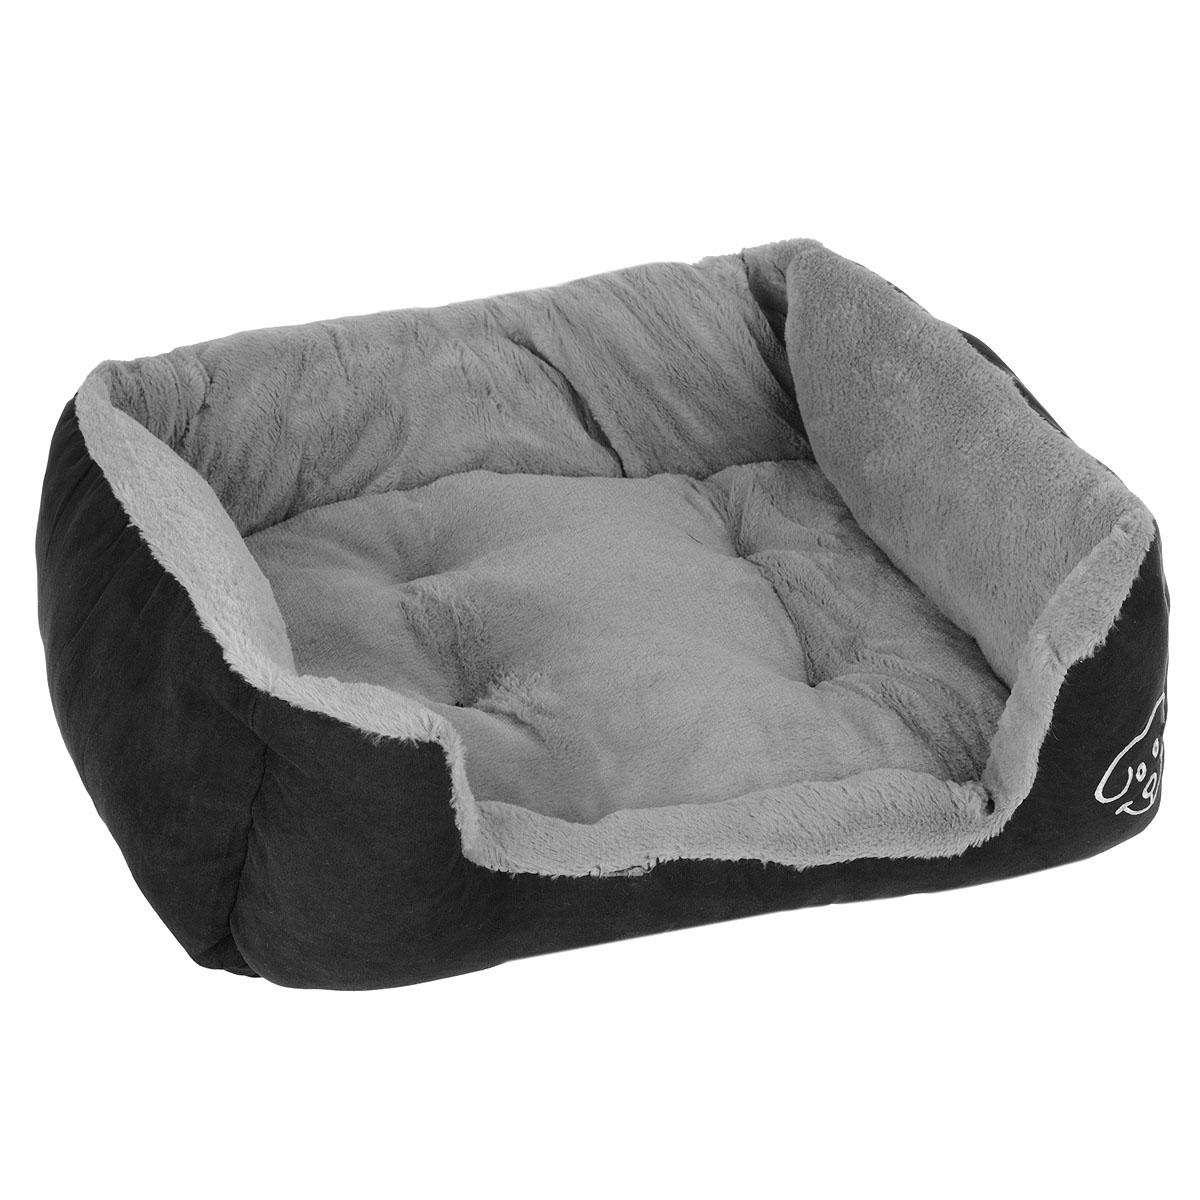 Лежак для собак I.P.T.S. Doomba, 55 см х 50 см х 20 см25964Лежак I.P.T.S. Doomba станет излюбленным местом отдыха вашего четвероногого друга. Даже самому своенравному питомцу понравится этот уютный мягкий уголок для сна. Лежак имеет форму диванчика с мягкими бортиками и выполнен в приятных черно-серых оттенках. Сочетание этих нейтральных цветов впишется в интерьер, и изделие будет одинаково хорошо смотреться как в гостиной, так и в другой комнате. Товар сертифицирован.